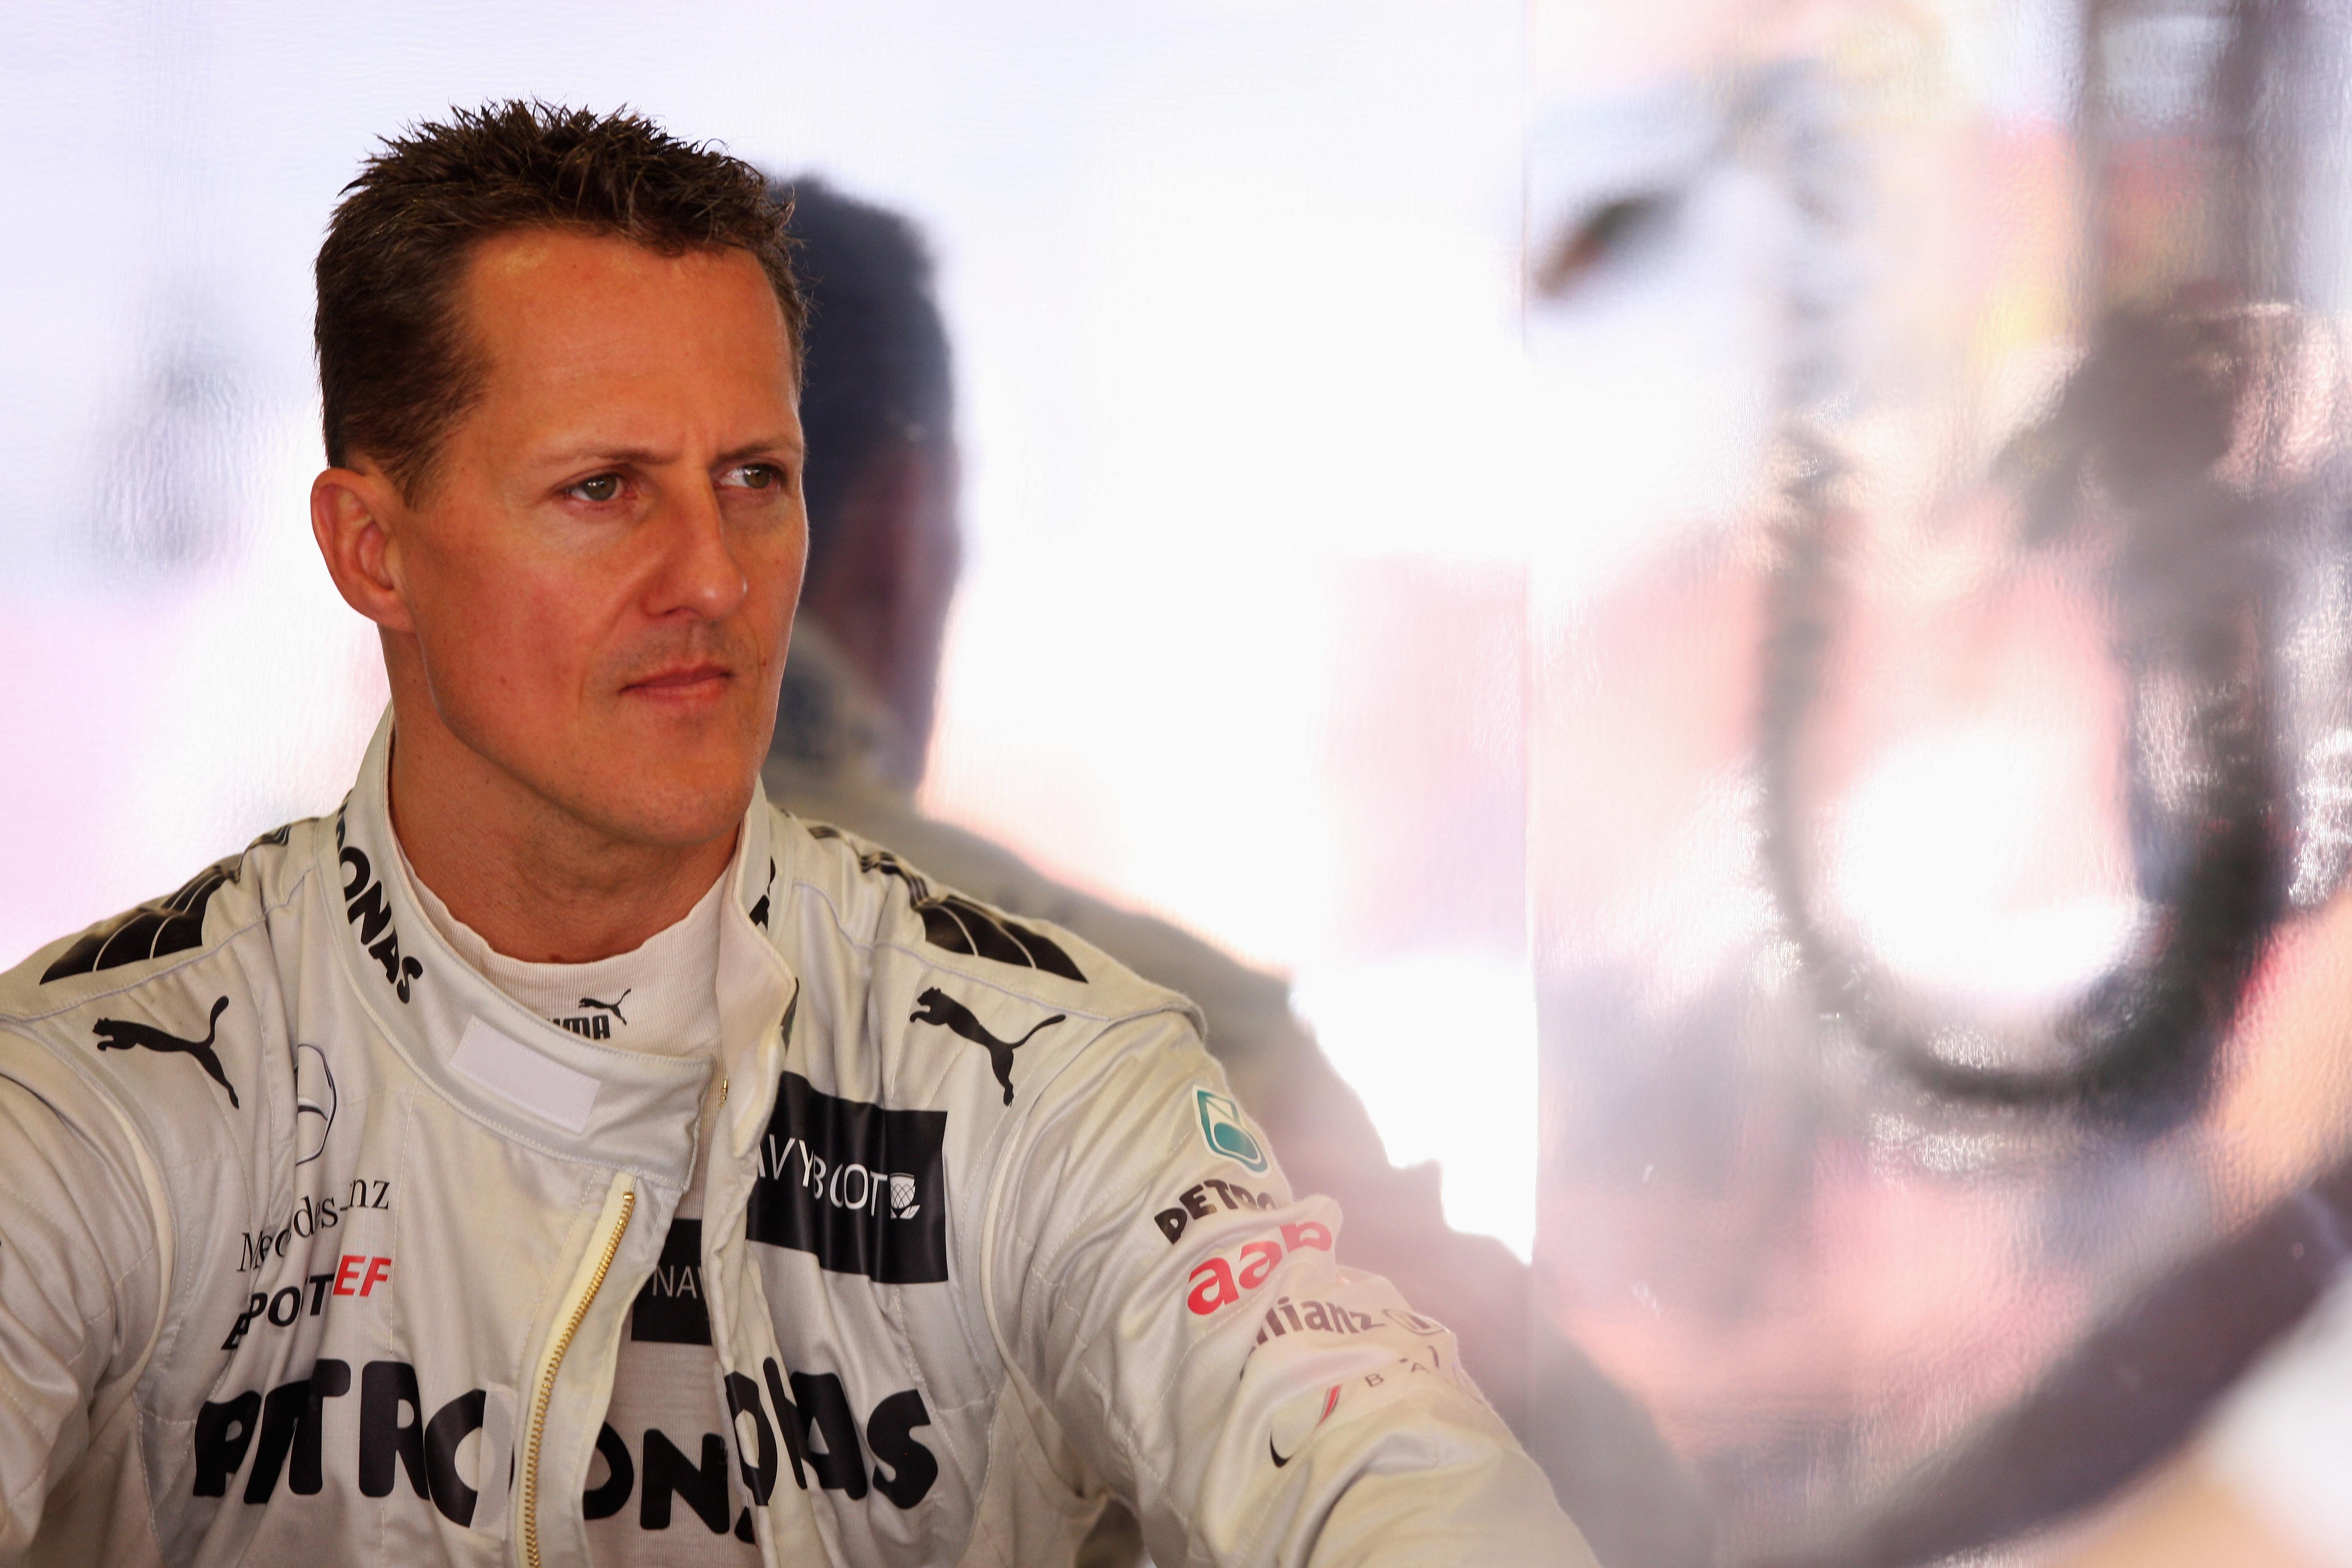 Michael Schumacher High Definition Wallpapers